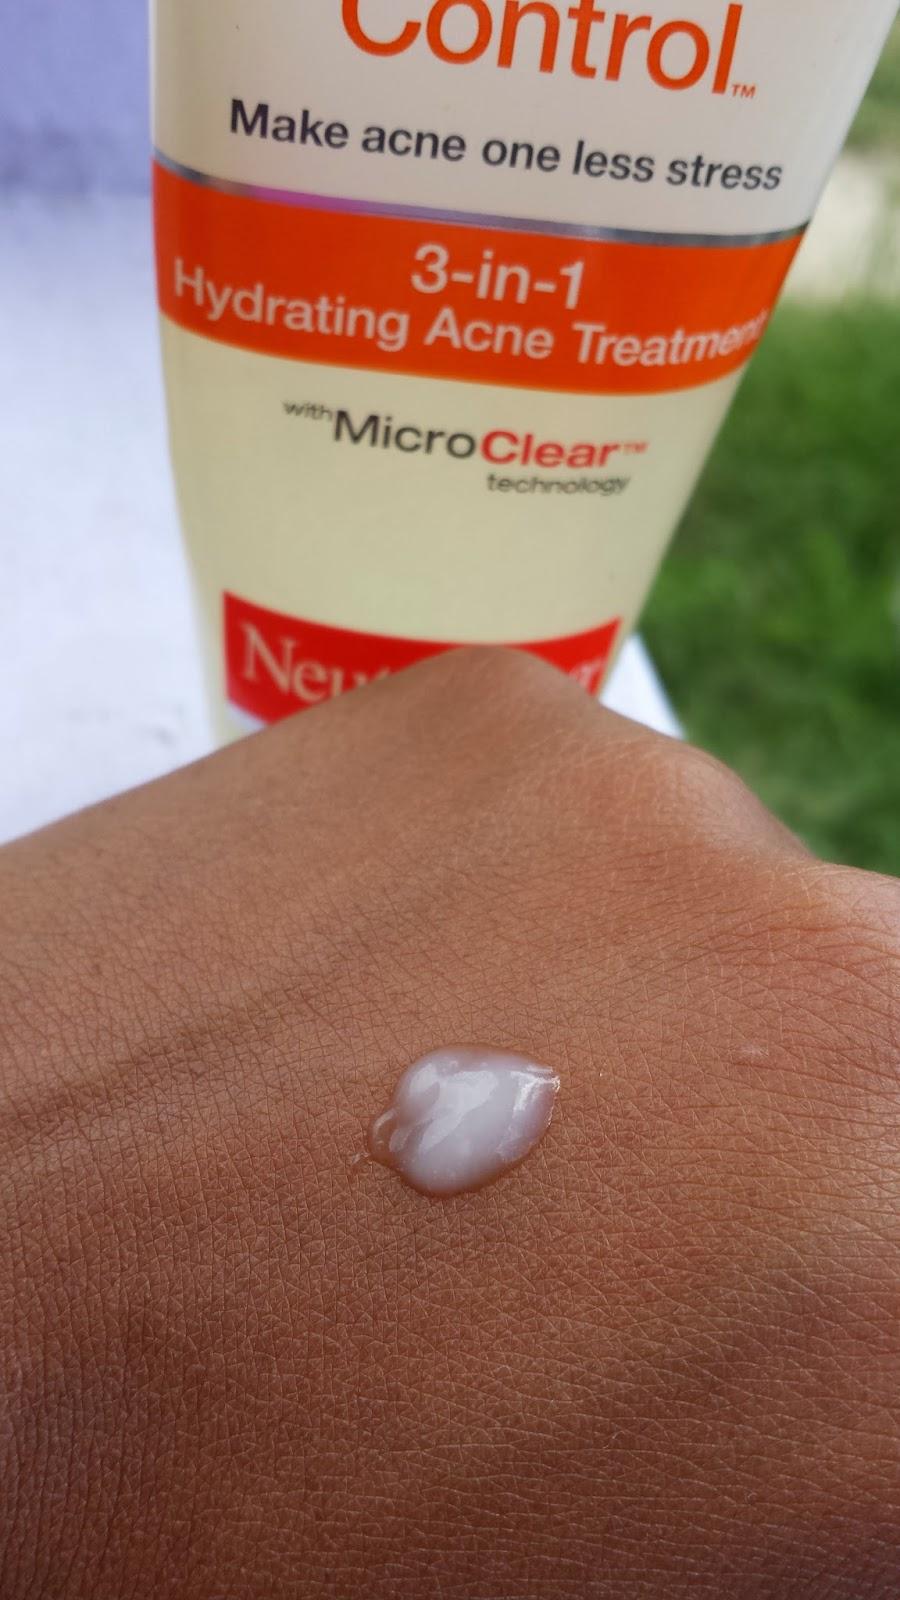 Neutrogena Acne Stress Control 3-in-1 Hydrating Acne Treatment swatch - www.modenmakeup.com